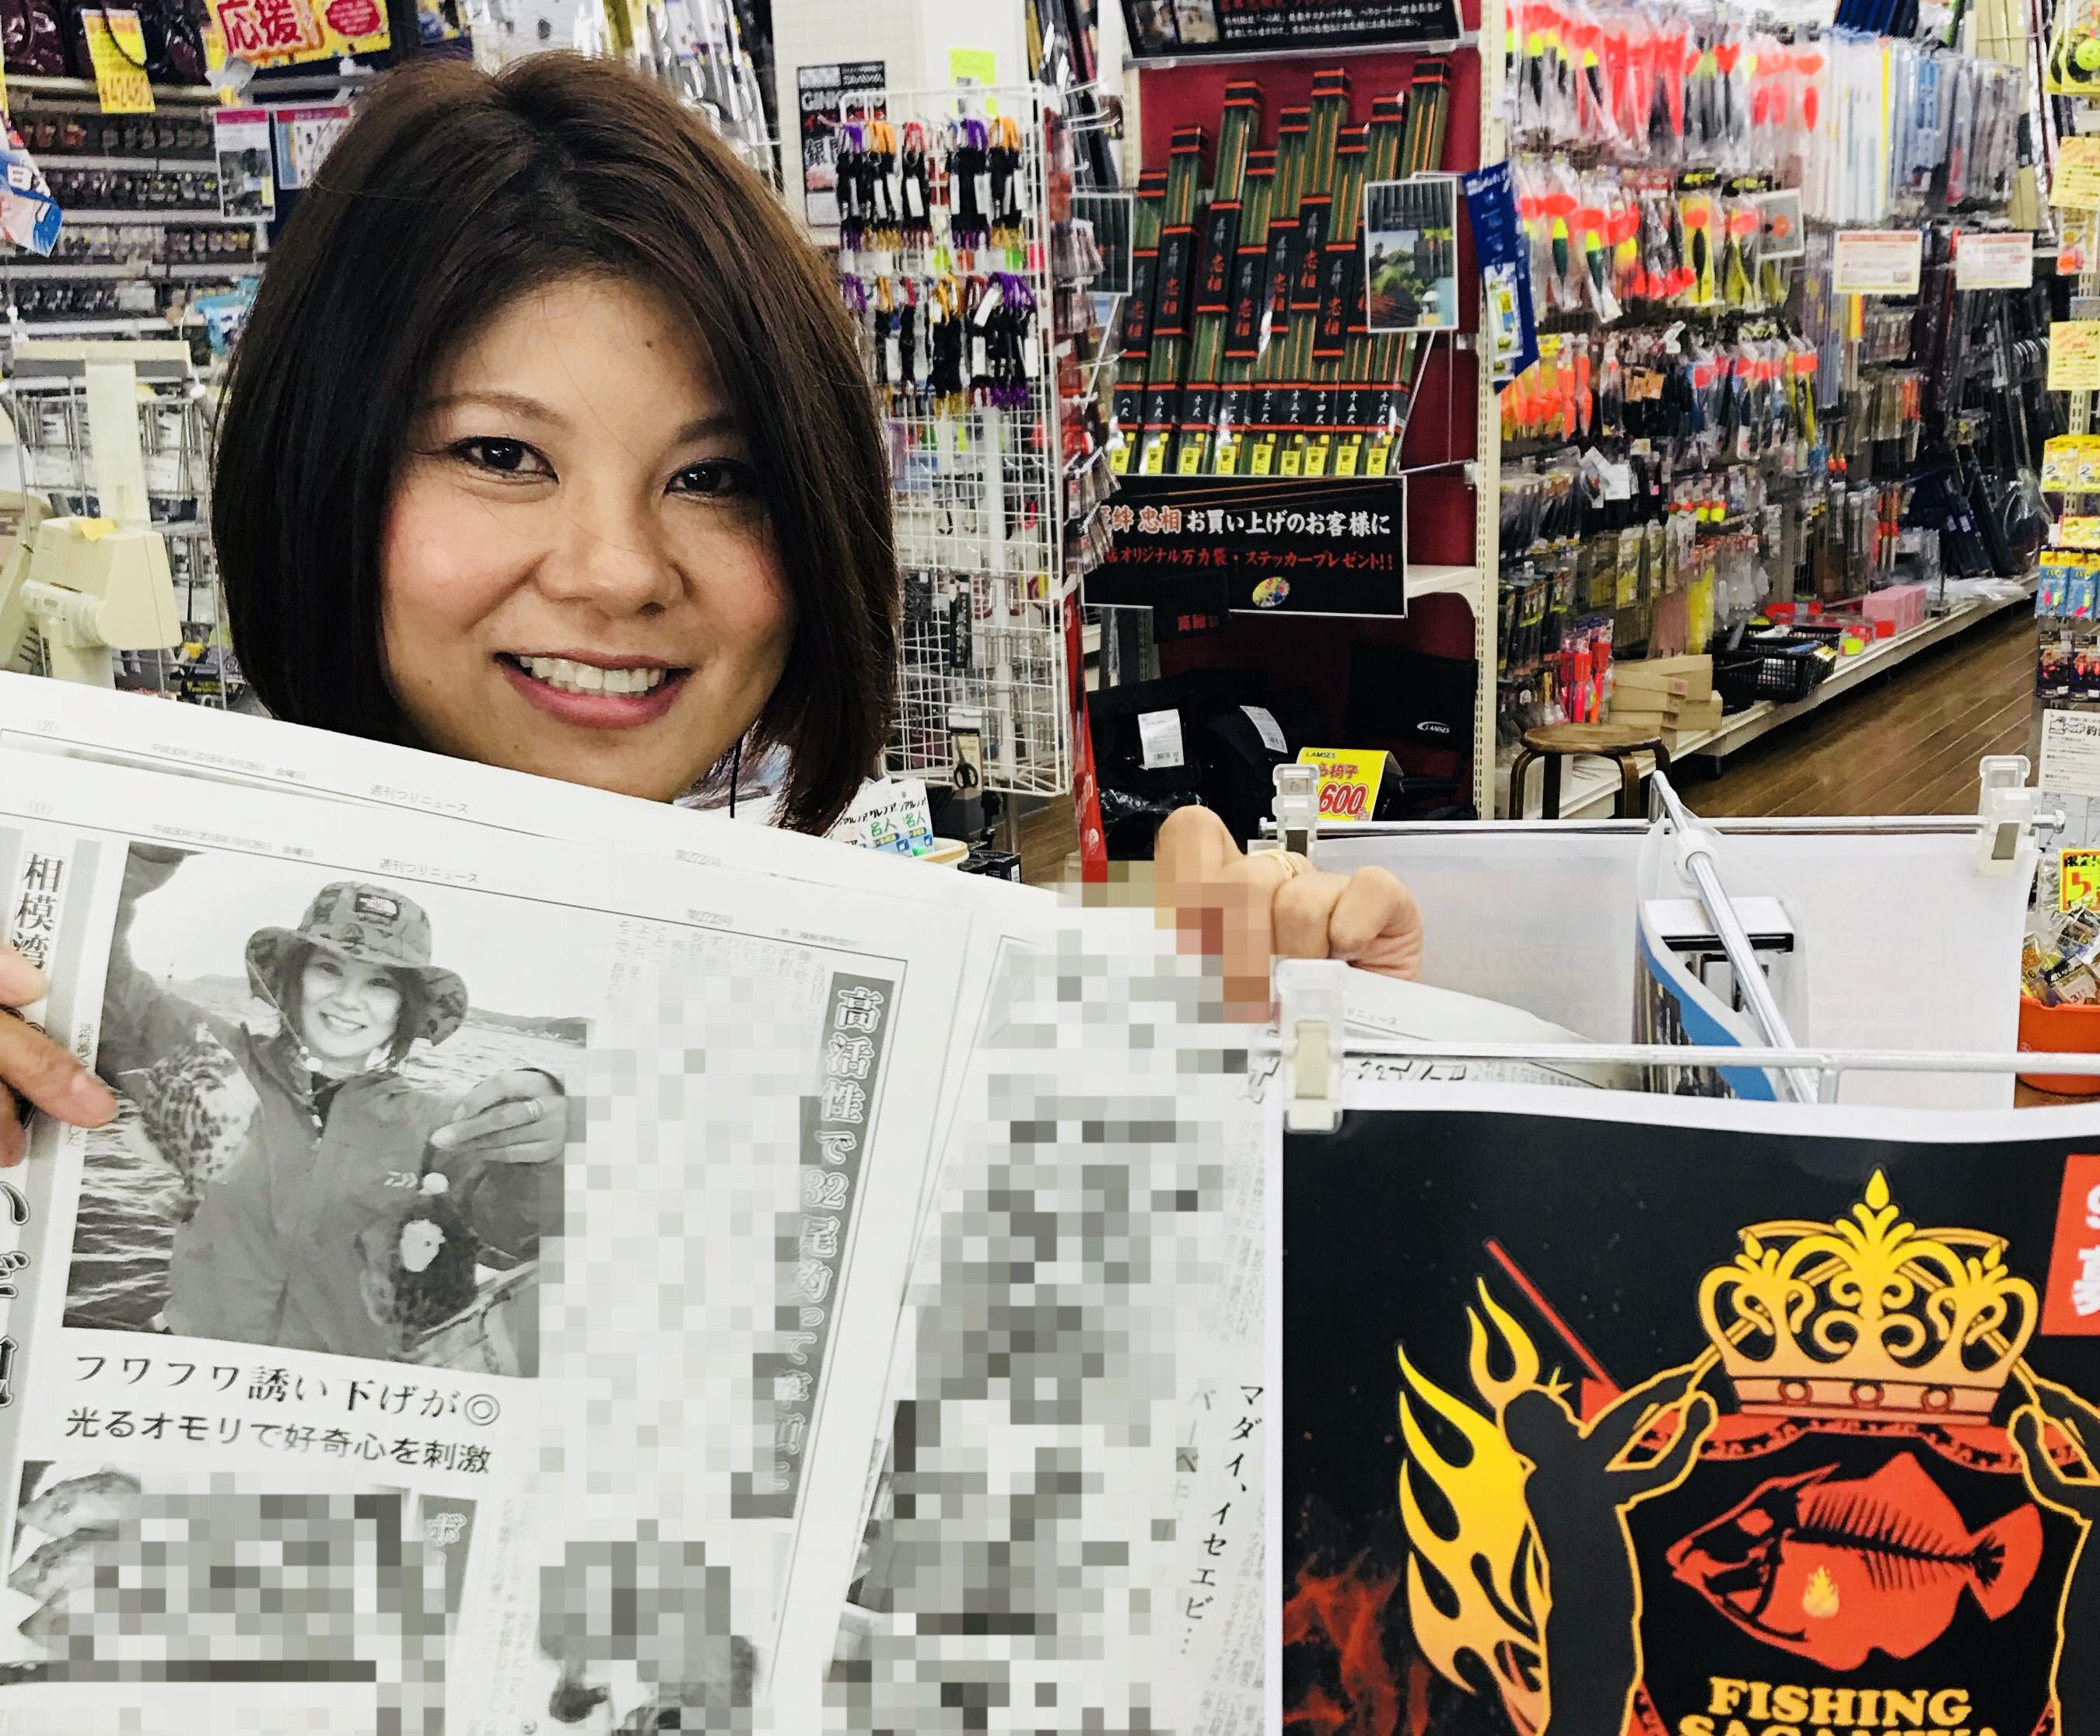 スタッフ齋藤掲載!『週刊つりニュース関東版 2018年9月28日号』